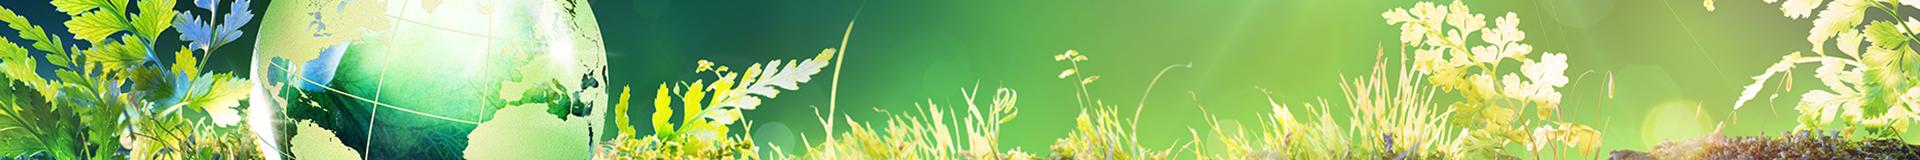 System zarządzania środowiskowego jako wsparcie procesu adaptacji do zmian klimatu15 grudnia 2020 r.